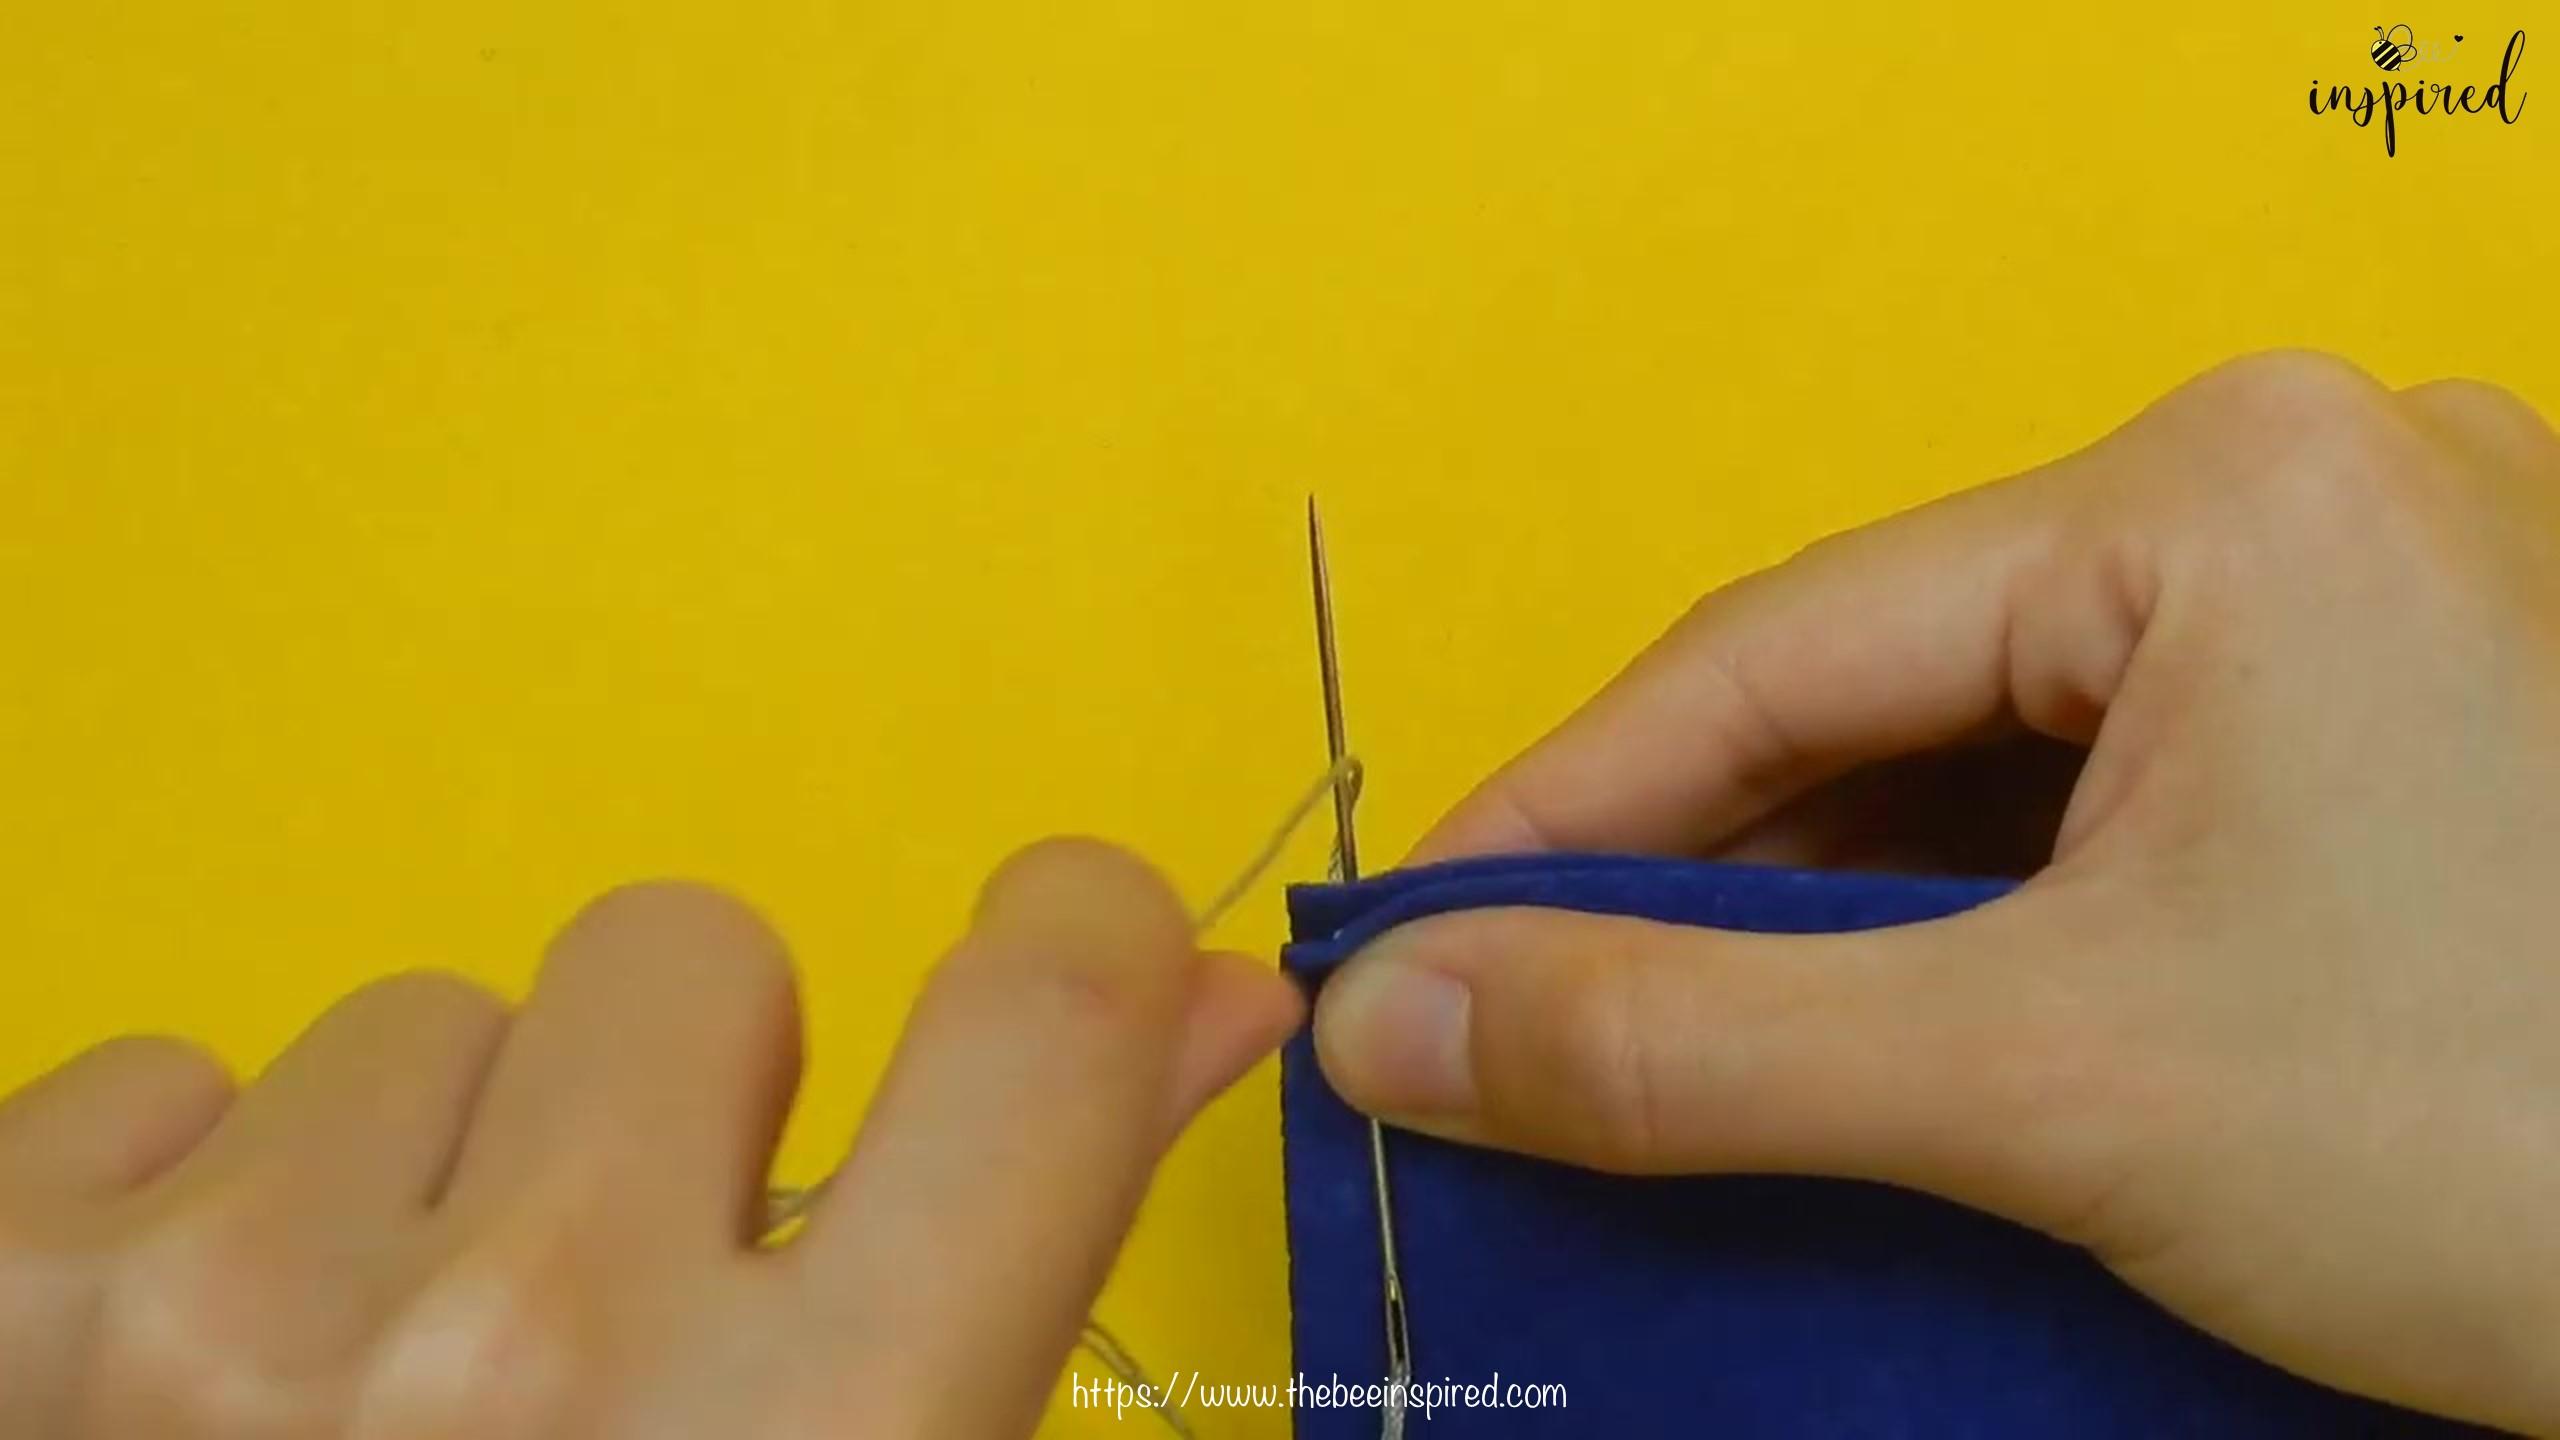 วิธีการเย็บลายปักริมผ้าห่ม (How to Sew a Blanket Stitch) _ วิธีเย็บเก็บริมผ้าโดยไม่ใช้จักรโพ้ง_6